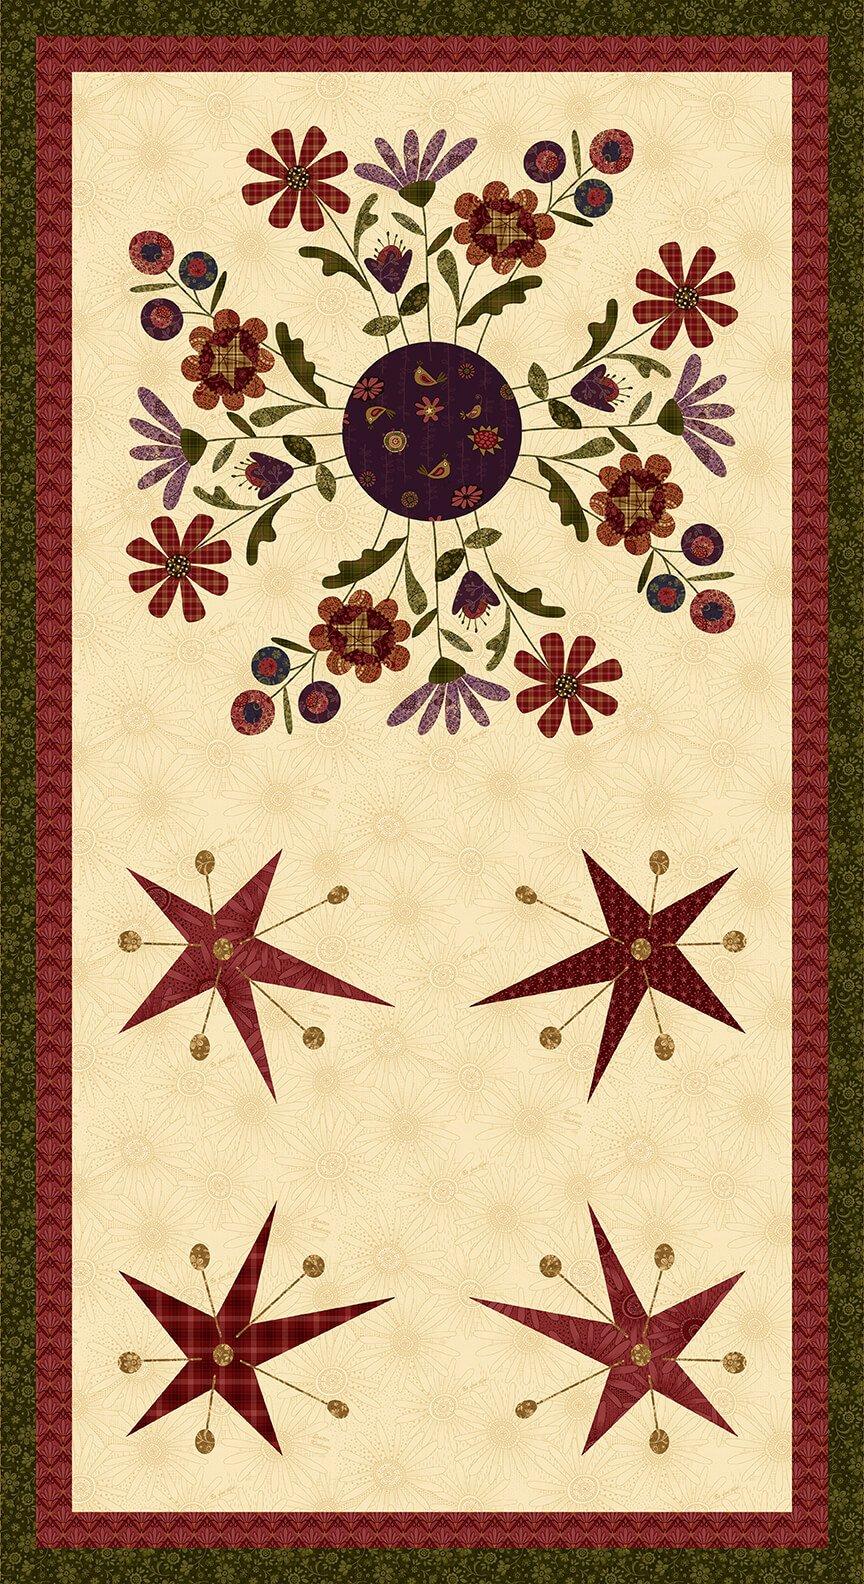 Henry Glass - Plant Kindness by Janet Nesbitt - Panel Cream